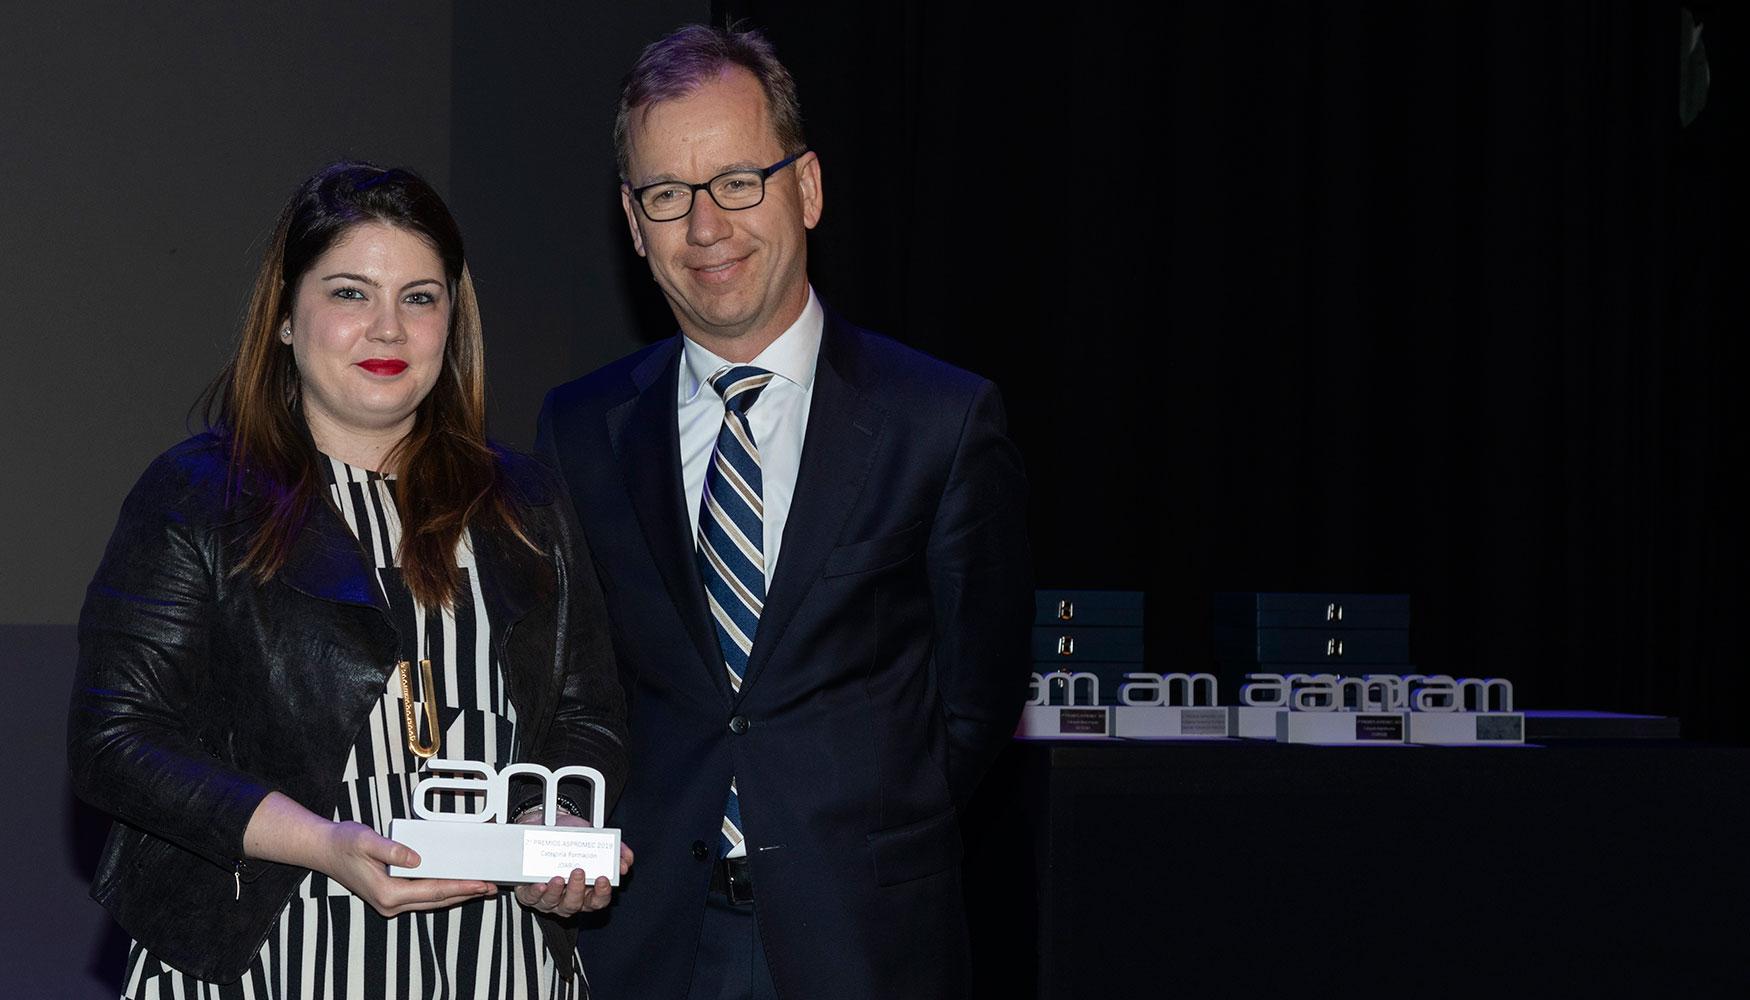 Hizo entrega del galardón Swen Hamann, vocal de ASPROMEC y director gerente de Zöller Iberica. Recogió por parte de Joarjo su Key Account Manager, Isabel Mozota.